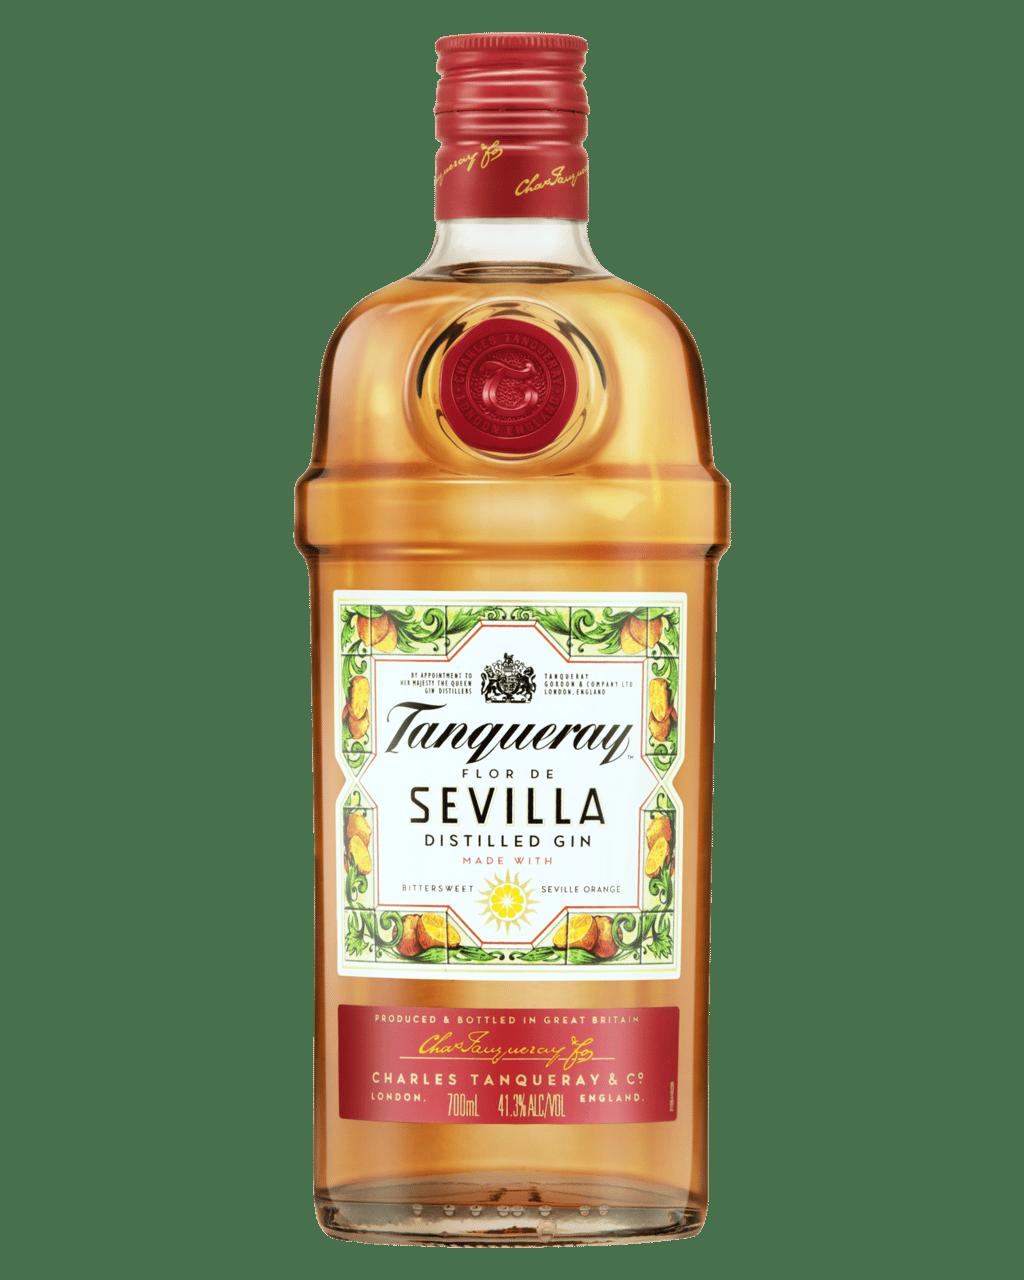 b008b817e4b6e Tanqueray Flor De Sevilla Gin 700mL